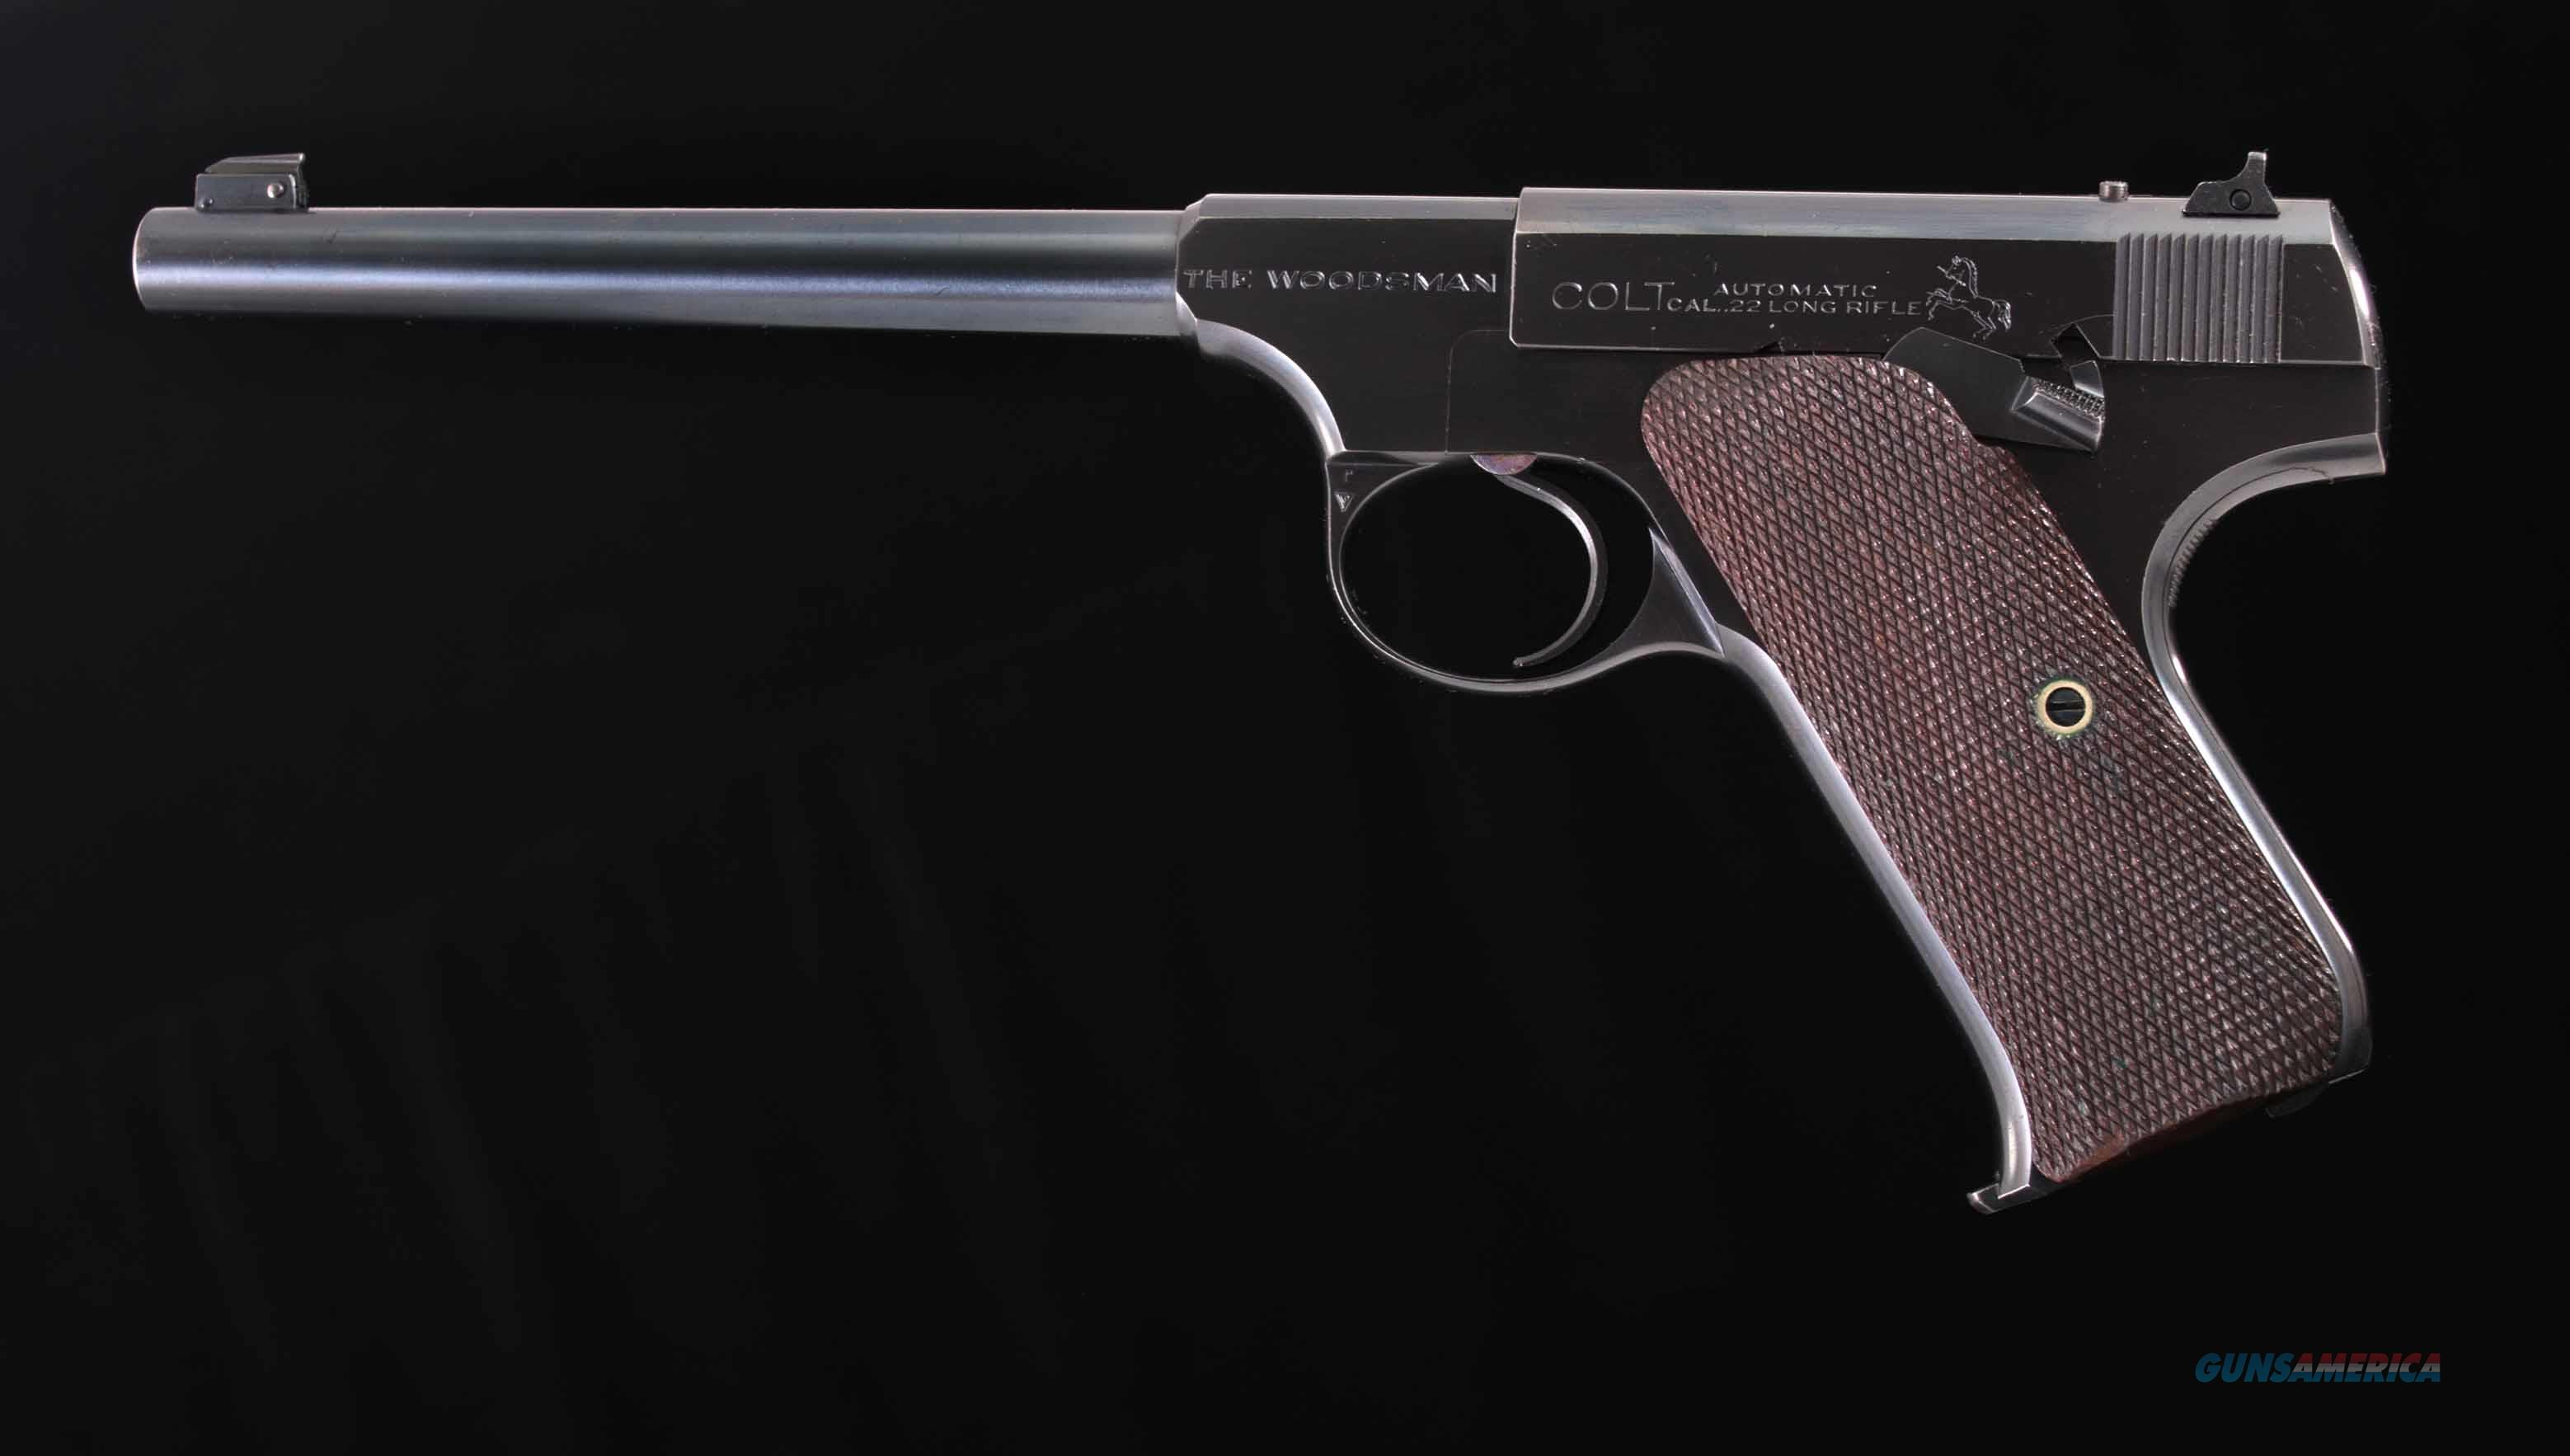 Colt Woodsman .22LR – TARGET MODEL, 1937, AWESOME COLT, 99.5%, vintage firearms inc   Guns > Pistols > Colt Automatic Pistols (22 Cal.)